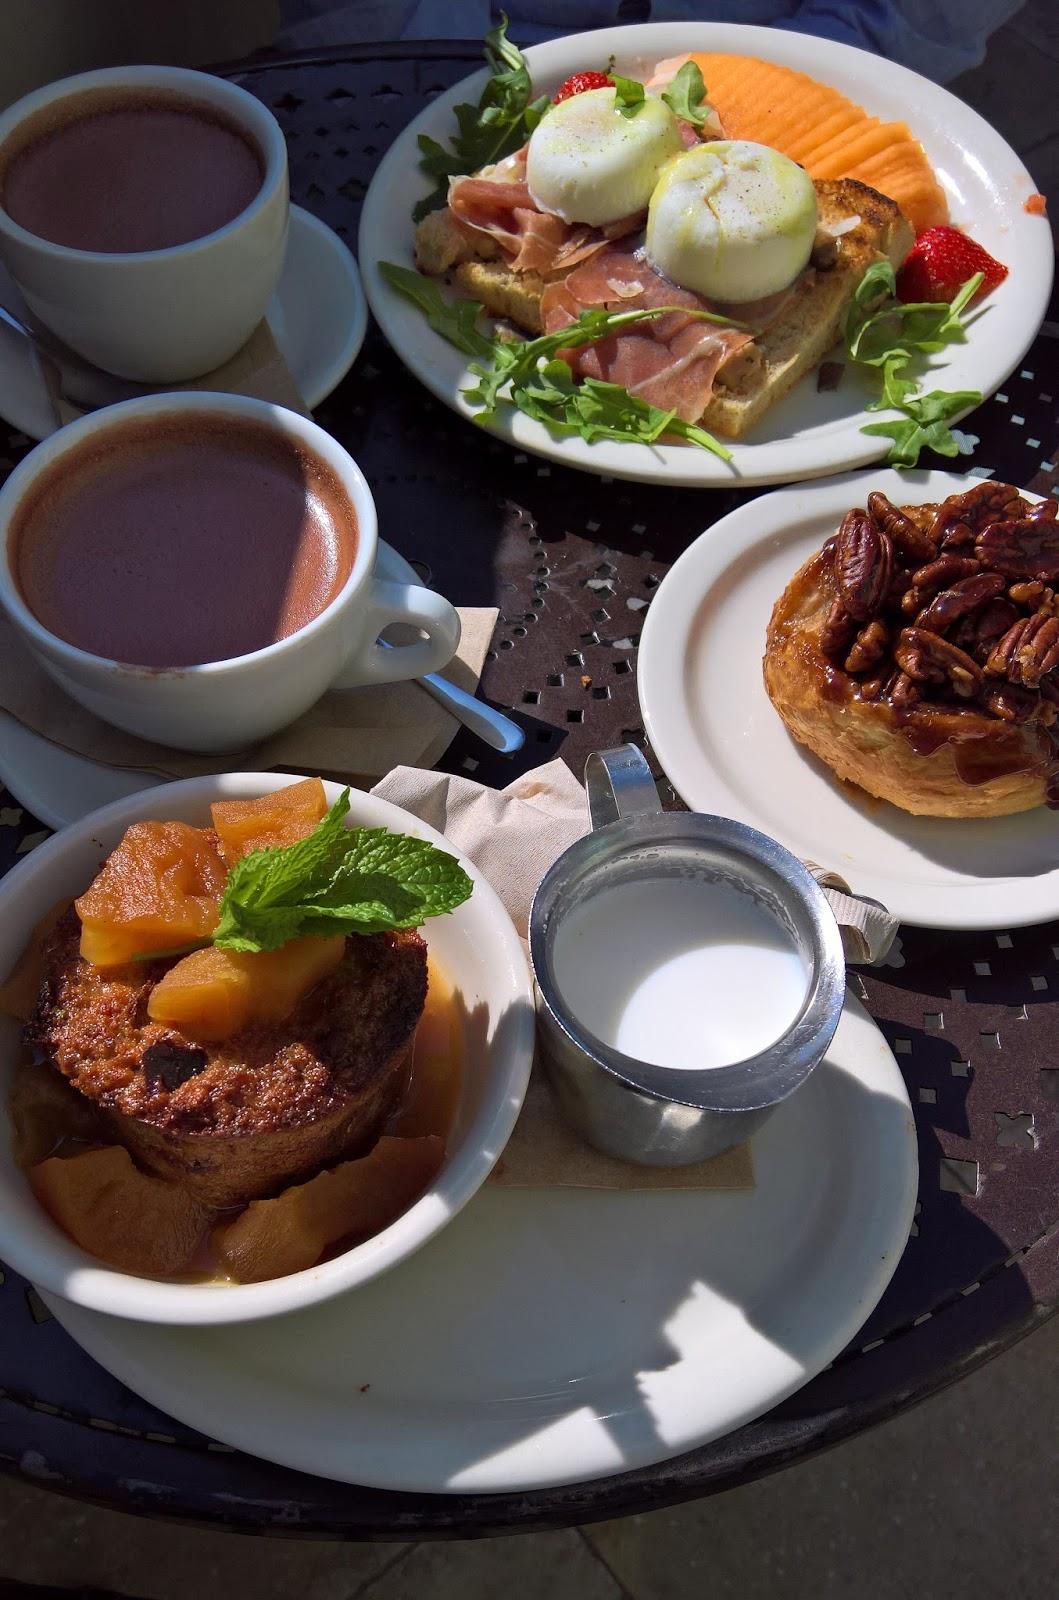 Santa Monica Los Angeles Urth Caffe kahvila vinkki Mallaspulla matkakertomus aamiainen